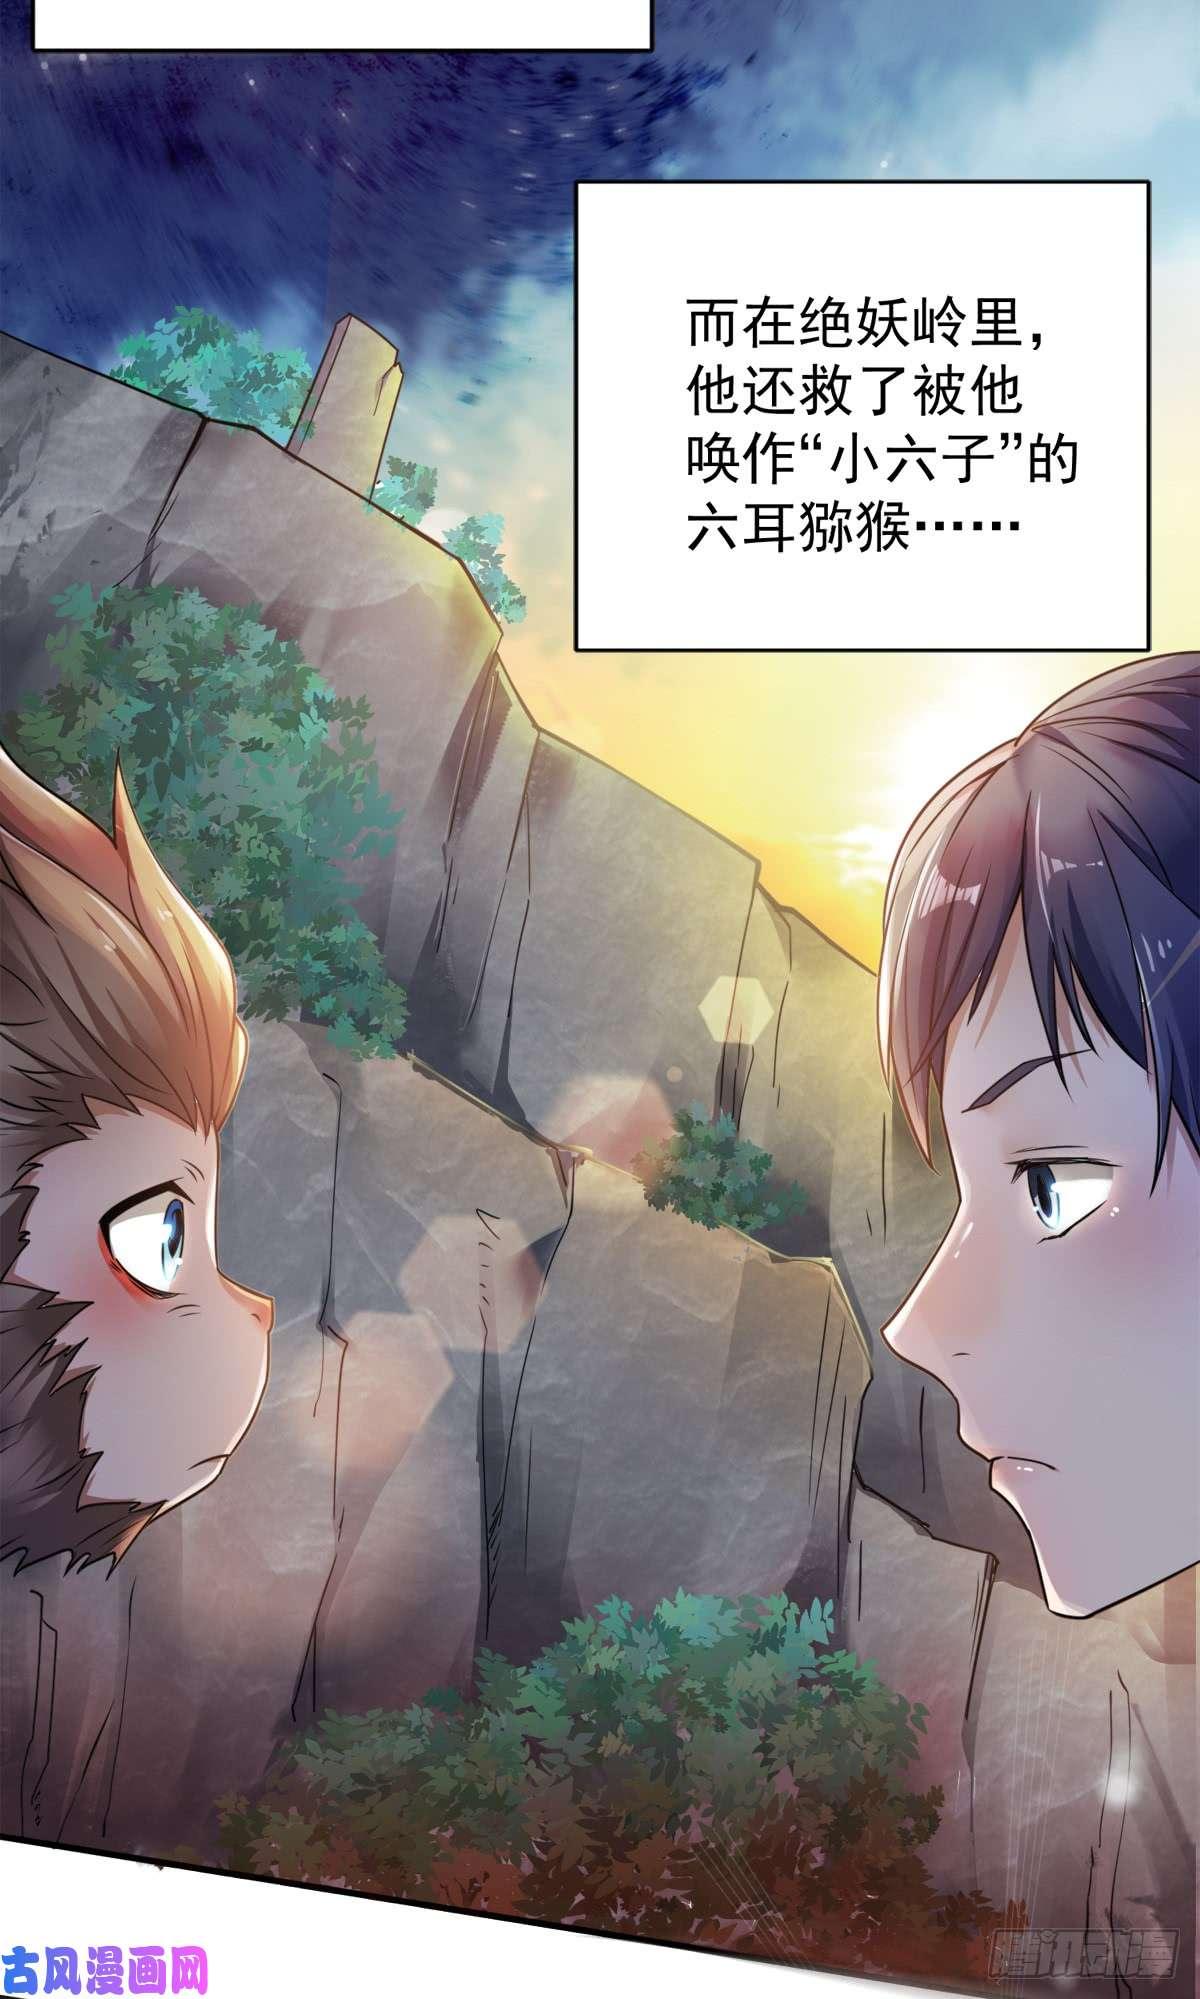 【漫画更新】震惊!震惊!!!《妖道至尊妖皇归来》